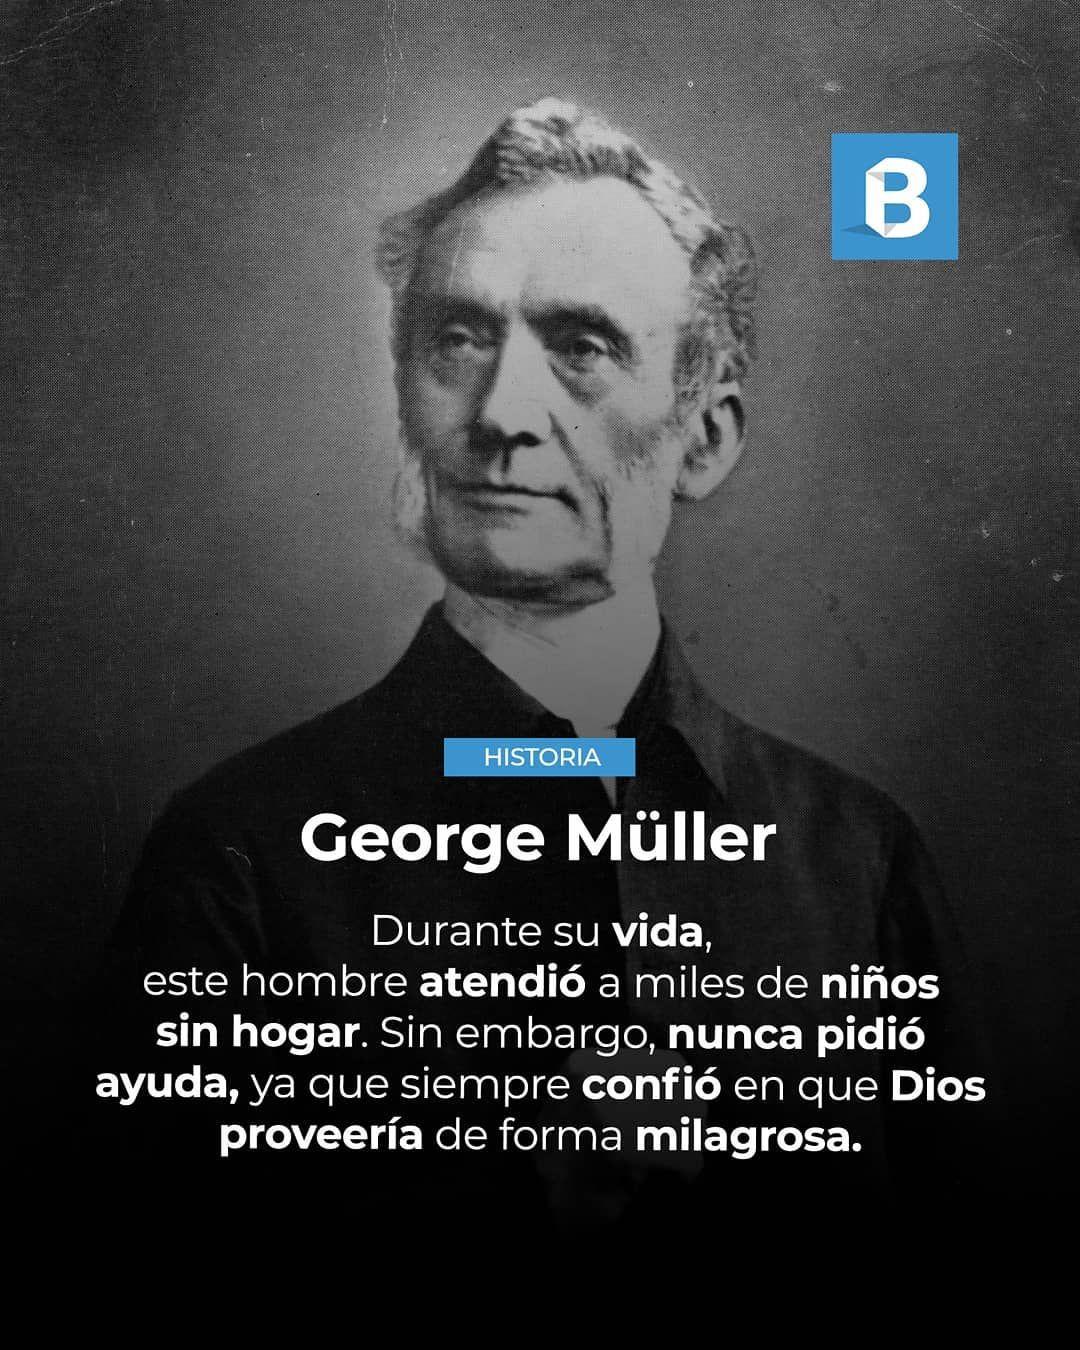 George Muller Nacio En Prusia En 1805 Su Madre Murio Cuando Tenia